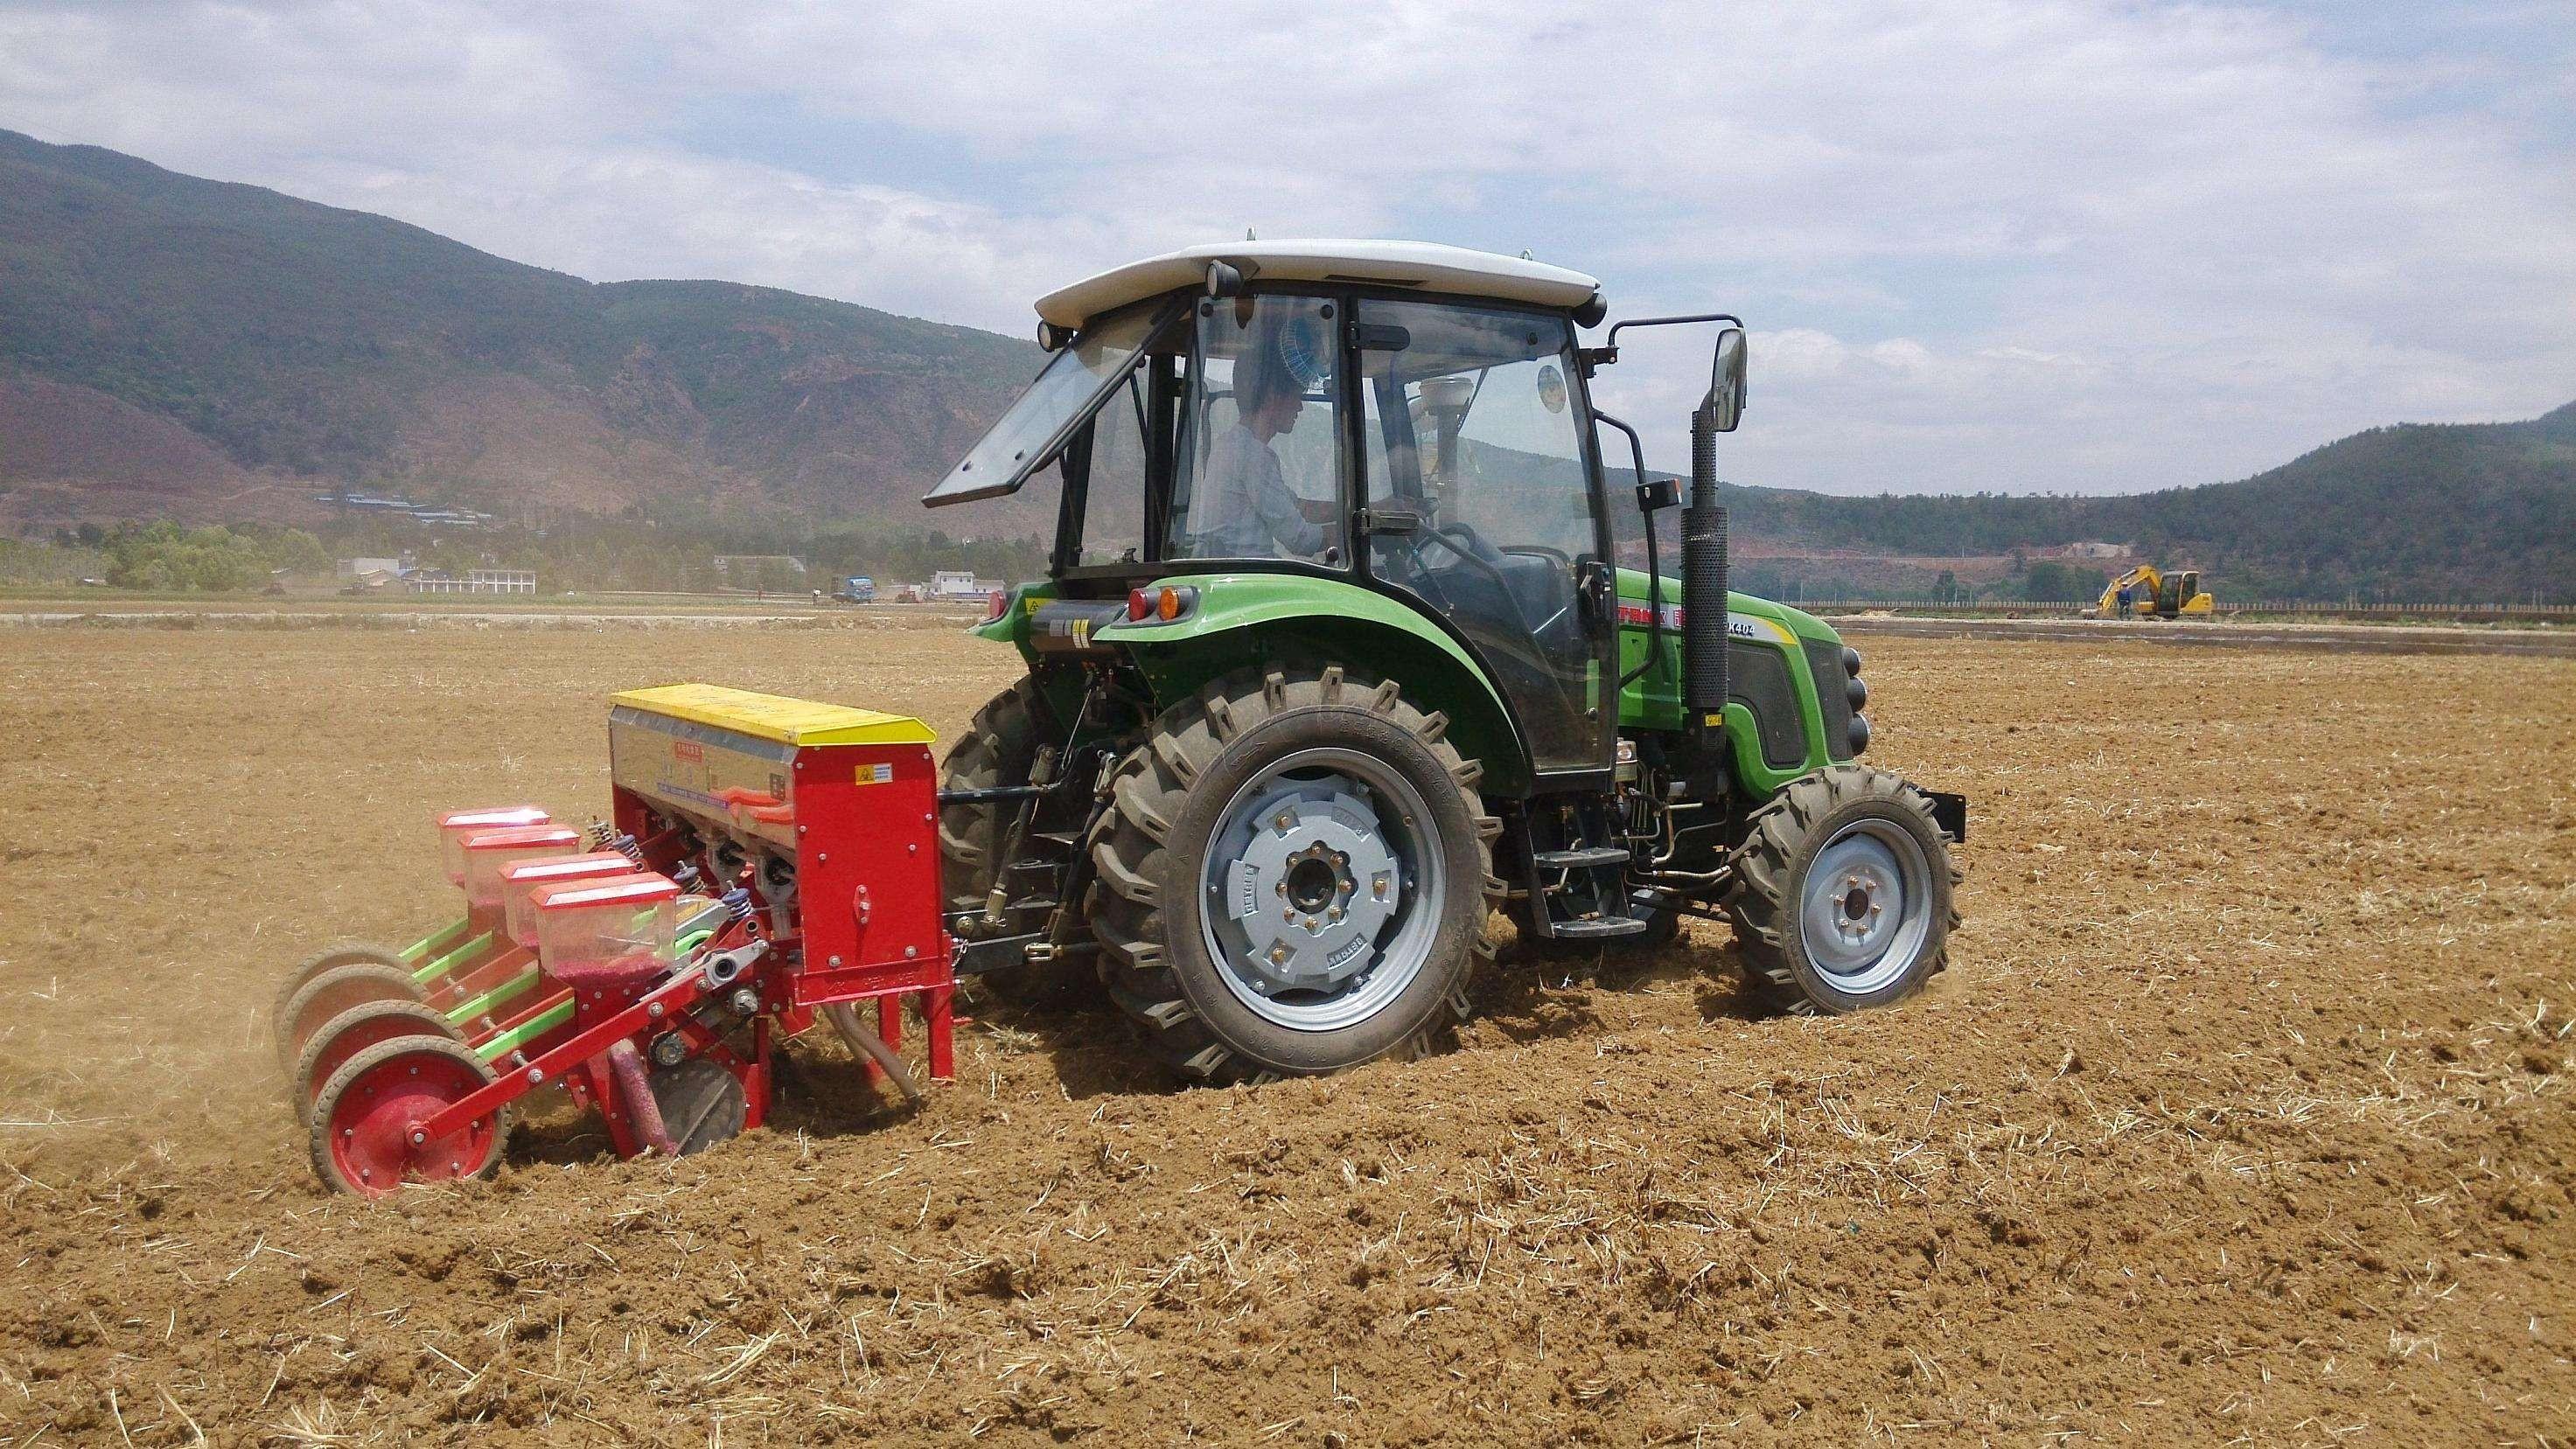 安徽省夏种基本结束:秋粮面积扩大,绿色高效技术应用广泛